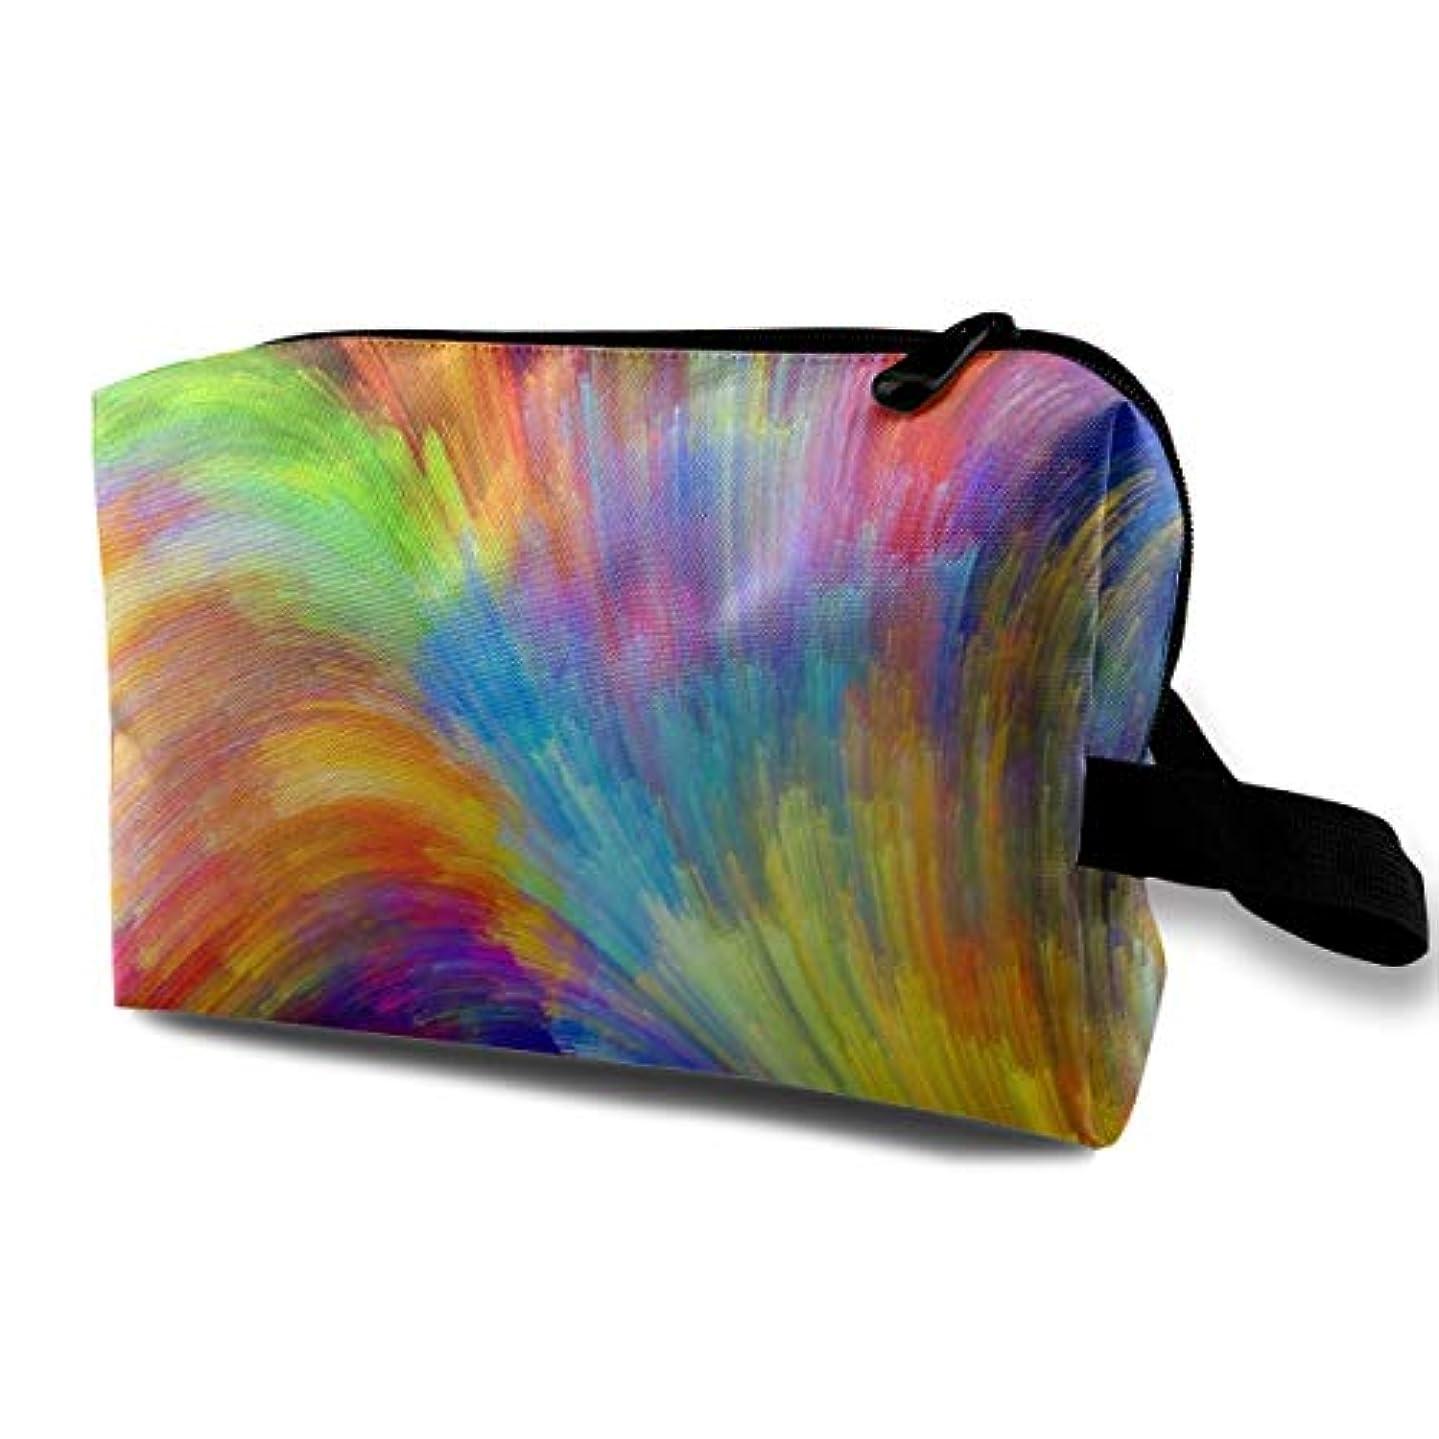 不良品ジェームズダイソンポテトFractal Rainbow Ocean 収納ポーチ 化粧ポーチ 大容量 軽量 耐久性 ハンドル付持ち運び便利。入れ 自宅?出張?旅行?アウトドア撮影などに対応。メンズ レディース トラベルグッズ